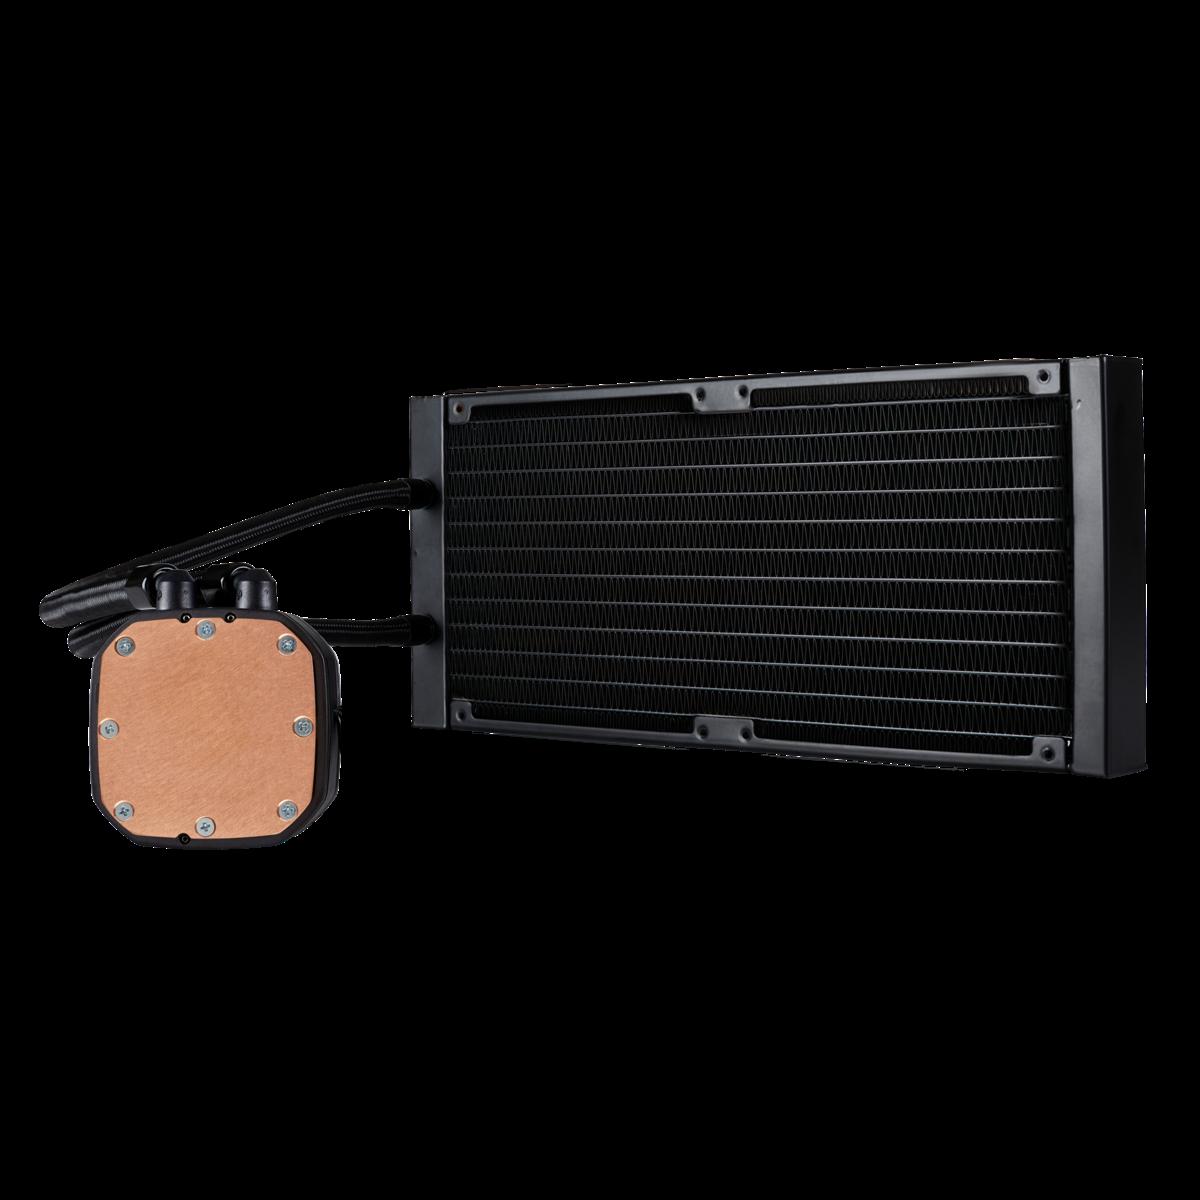 Corsair Hydro Series Cooling Fans H115i RGB Platinum 280mm Water AIO Liquid CPU Cooler, 2000RPM (CW-9060038-WW)